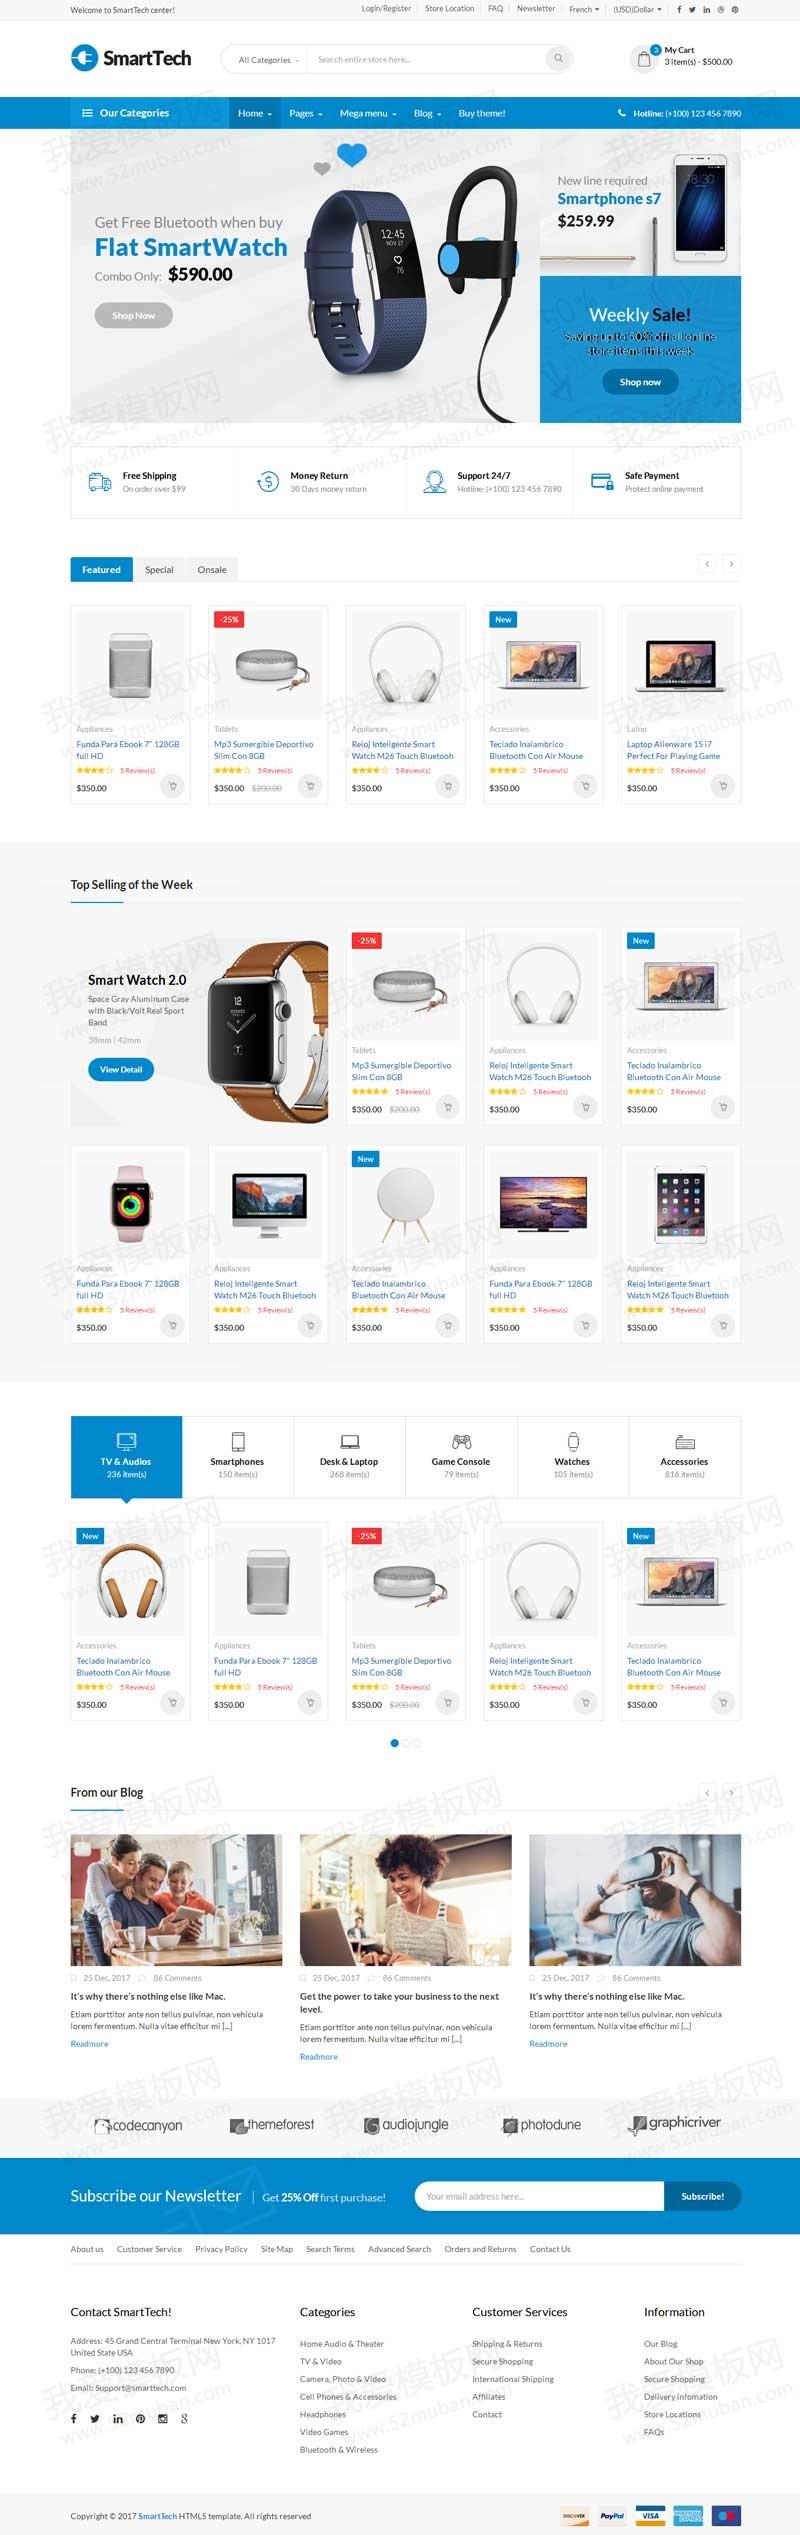 蓝色扁平化的手机电子产品商城模板html全站